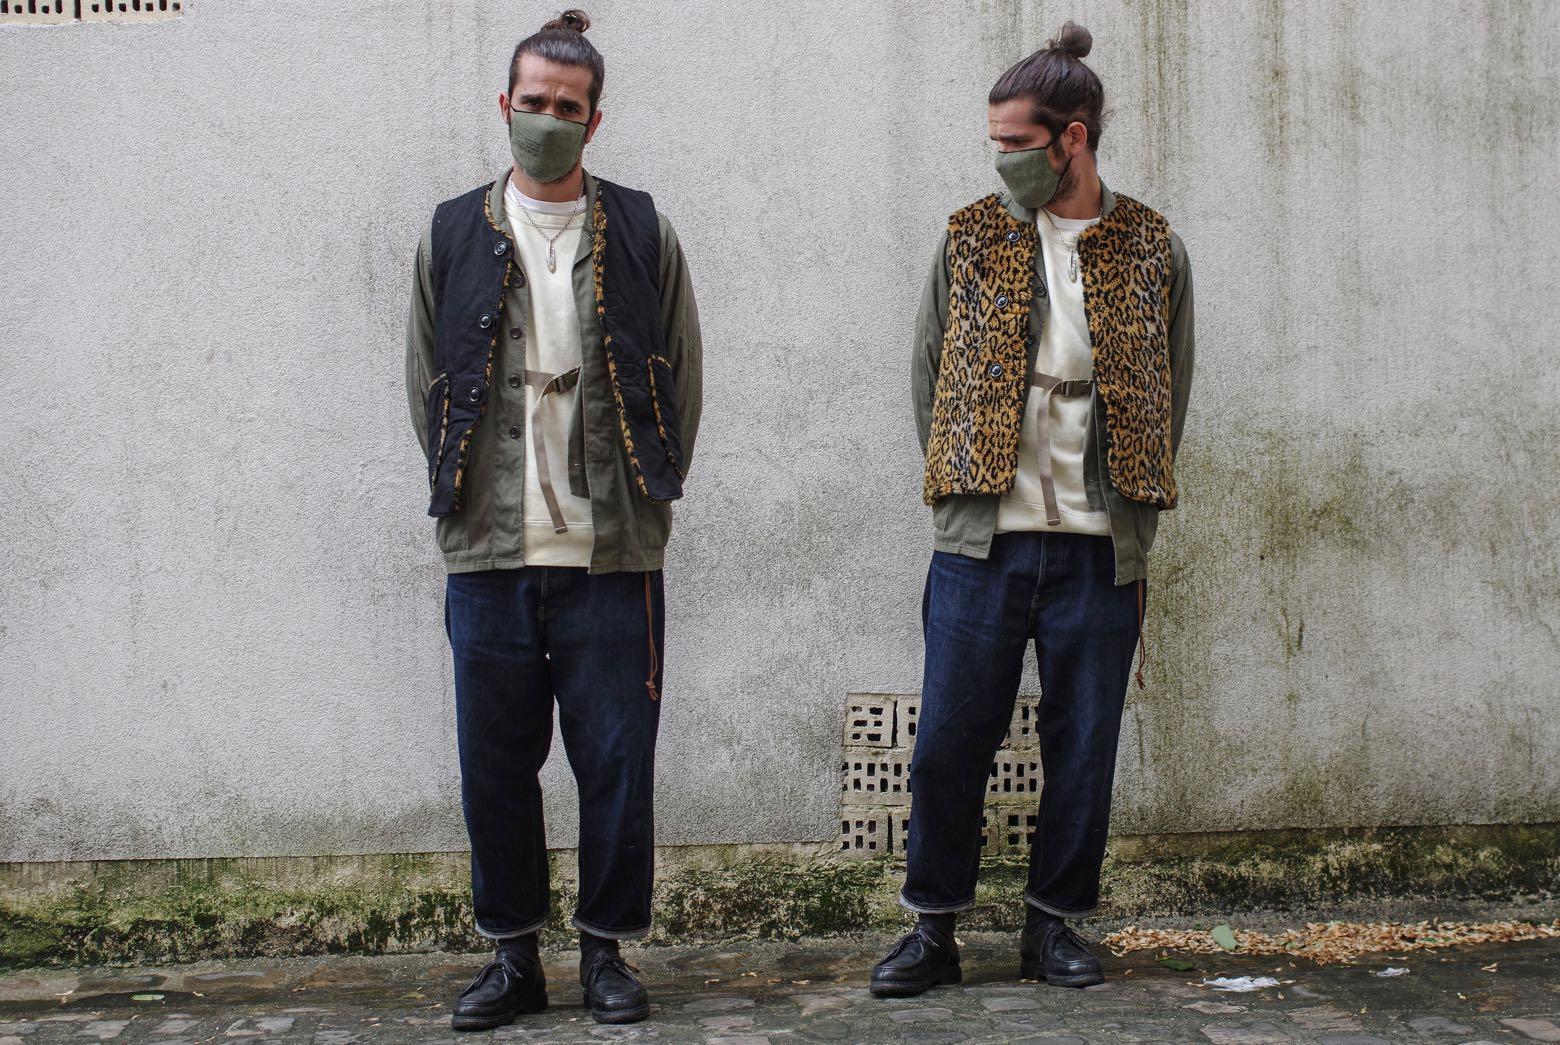 conseil style homme pour faire du layering dans une tenue workwear street heritage